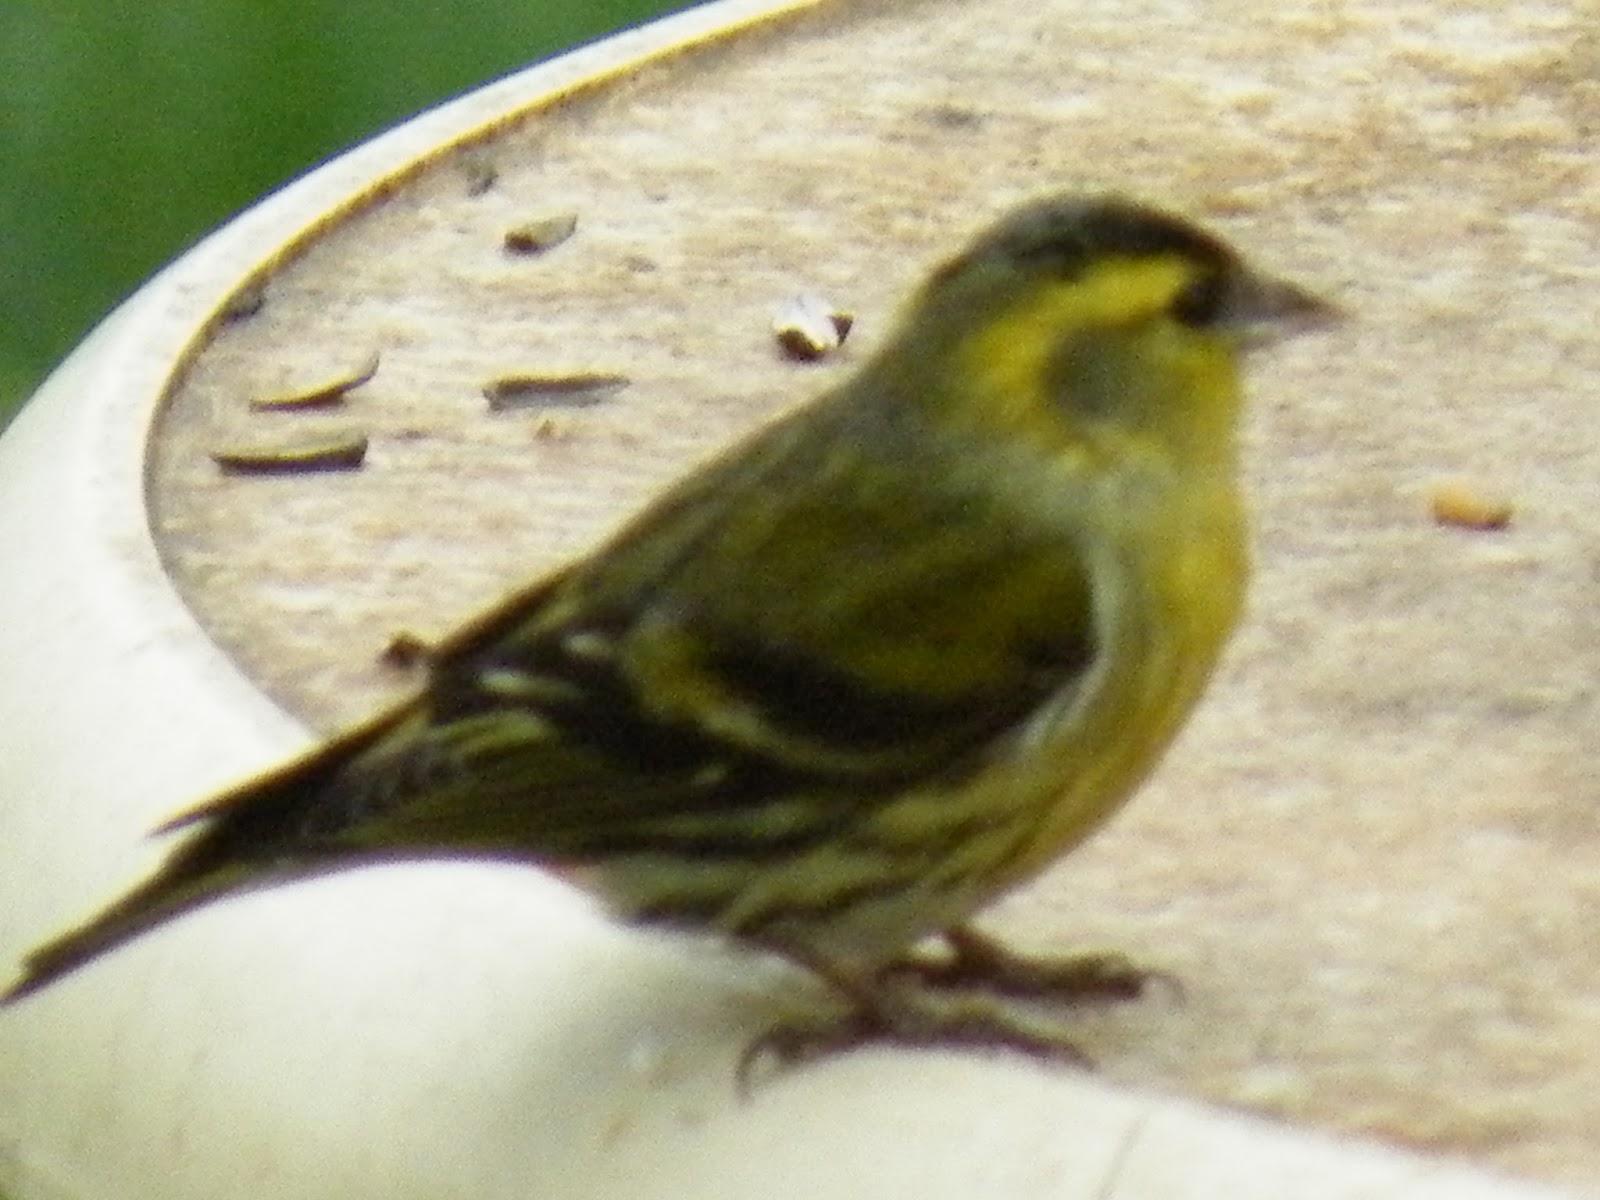 Du four au jardin et mes dix doigts petit oiseau for Petit oiseau avec houpette